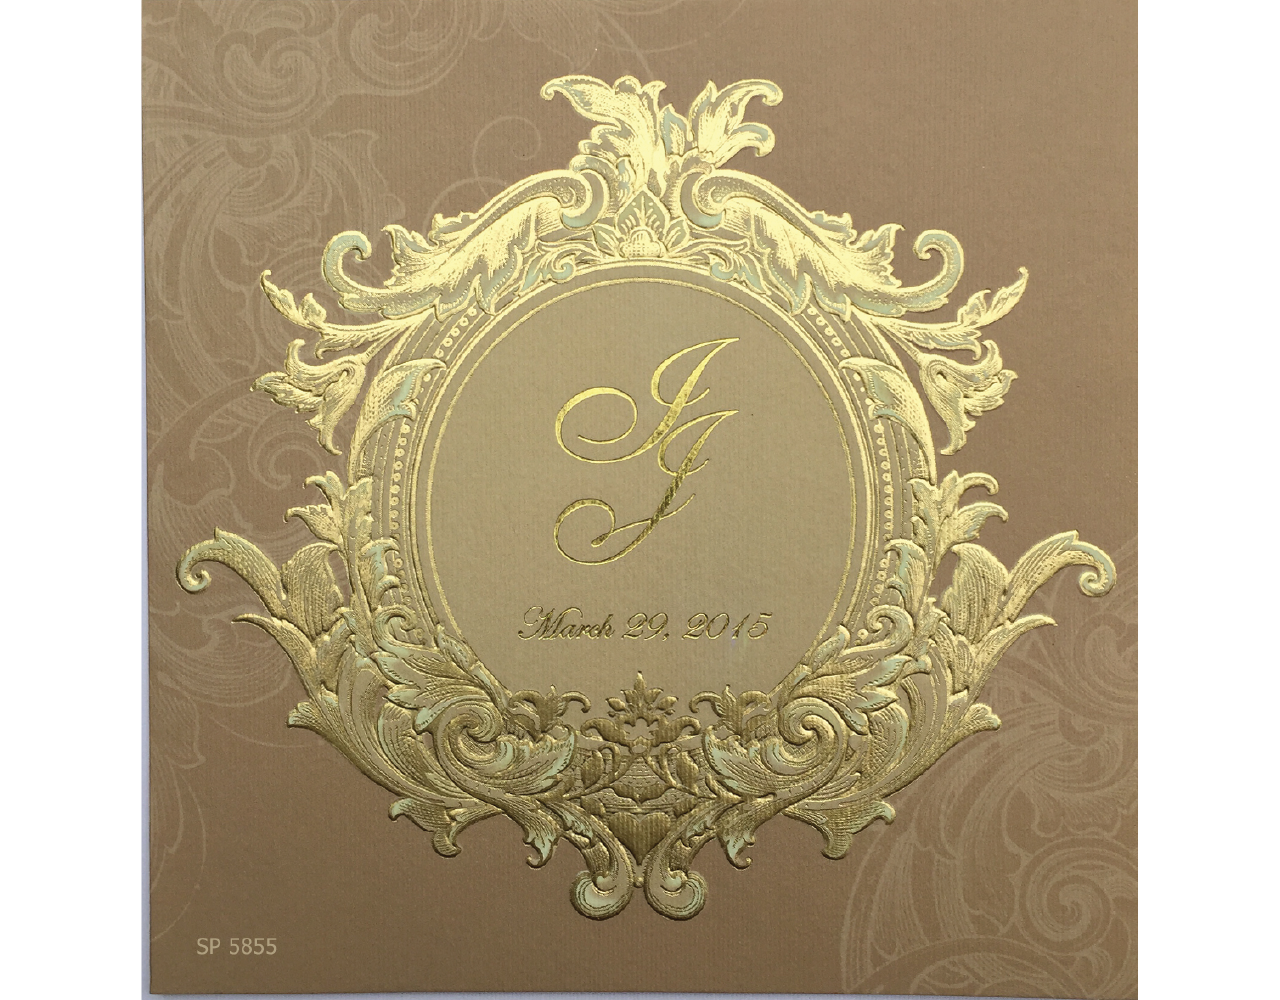 การ์ดแต่งงาน การ์ดเชิญงานแต่ง สีครีมน้ำตาล ดีไซน์ เรียบหรู by Grace Greeting wedding card 6.5x6.5 inch sp 5855